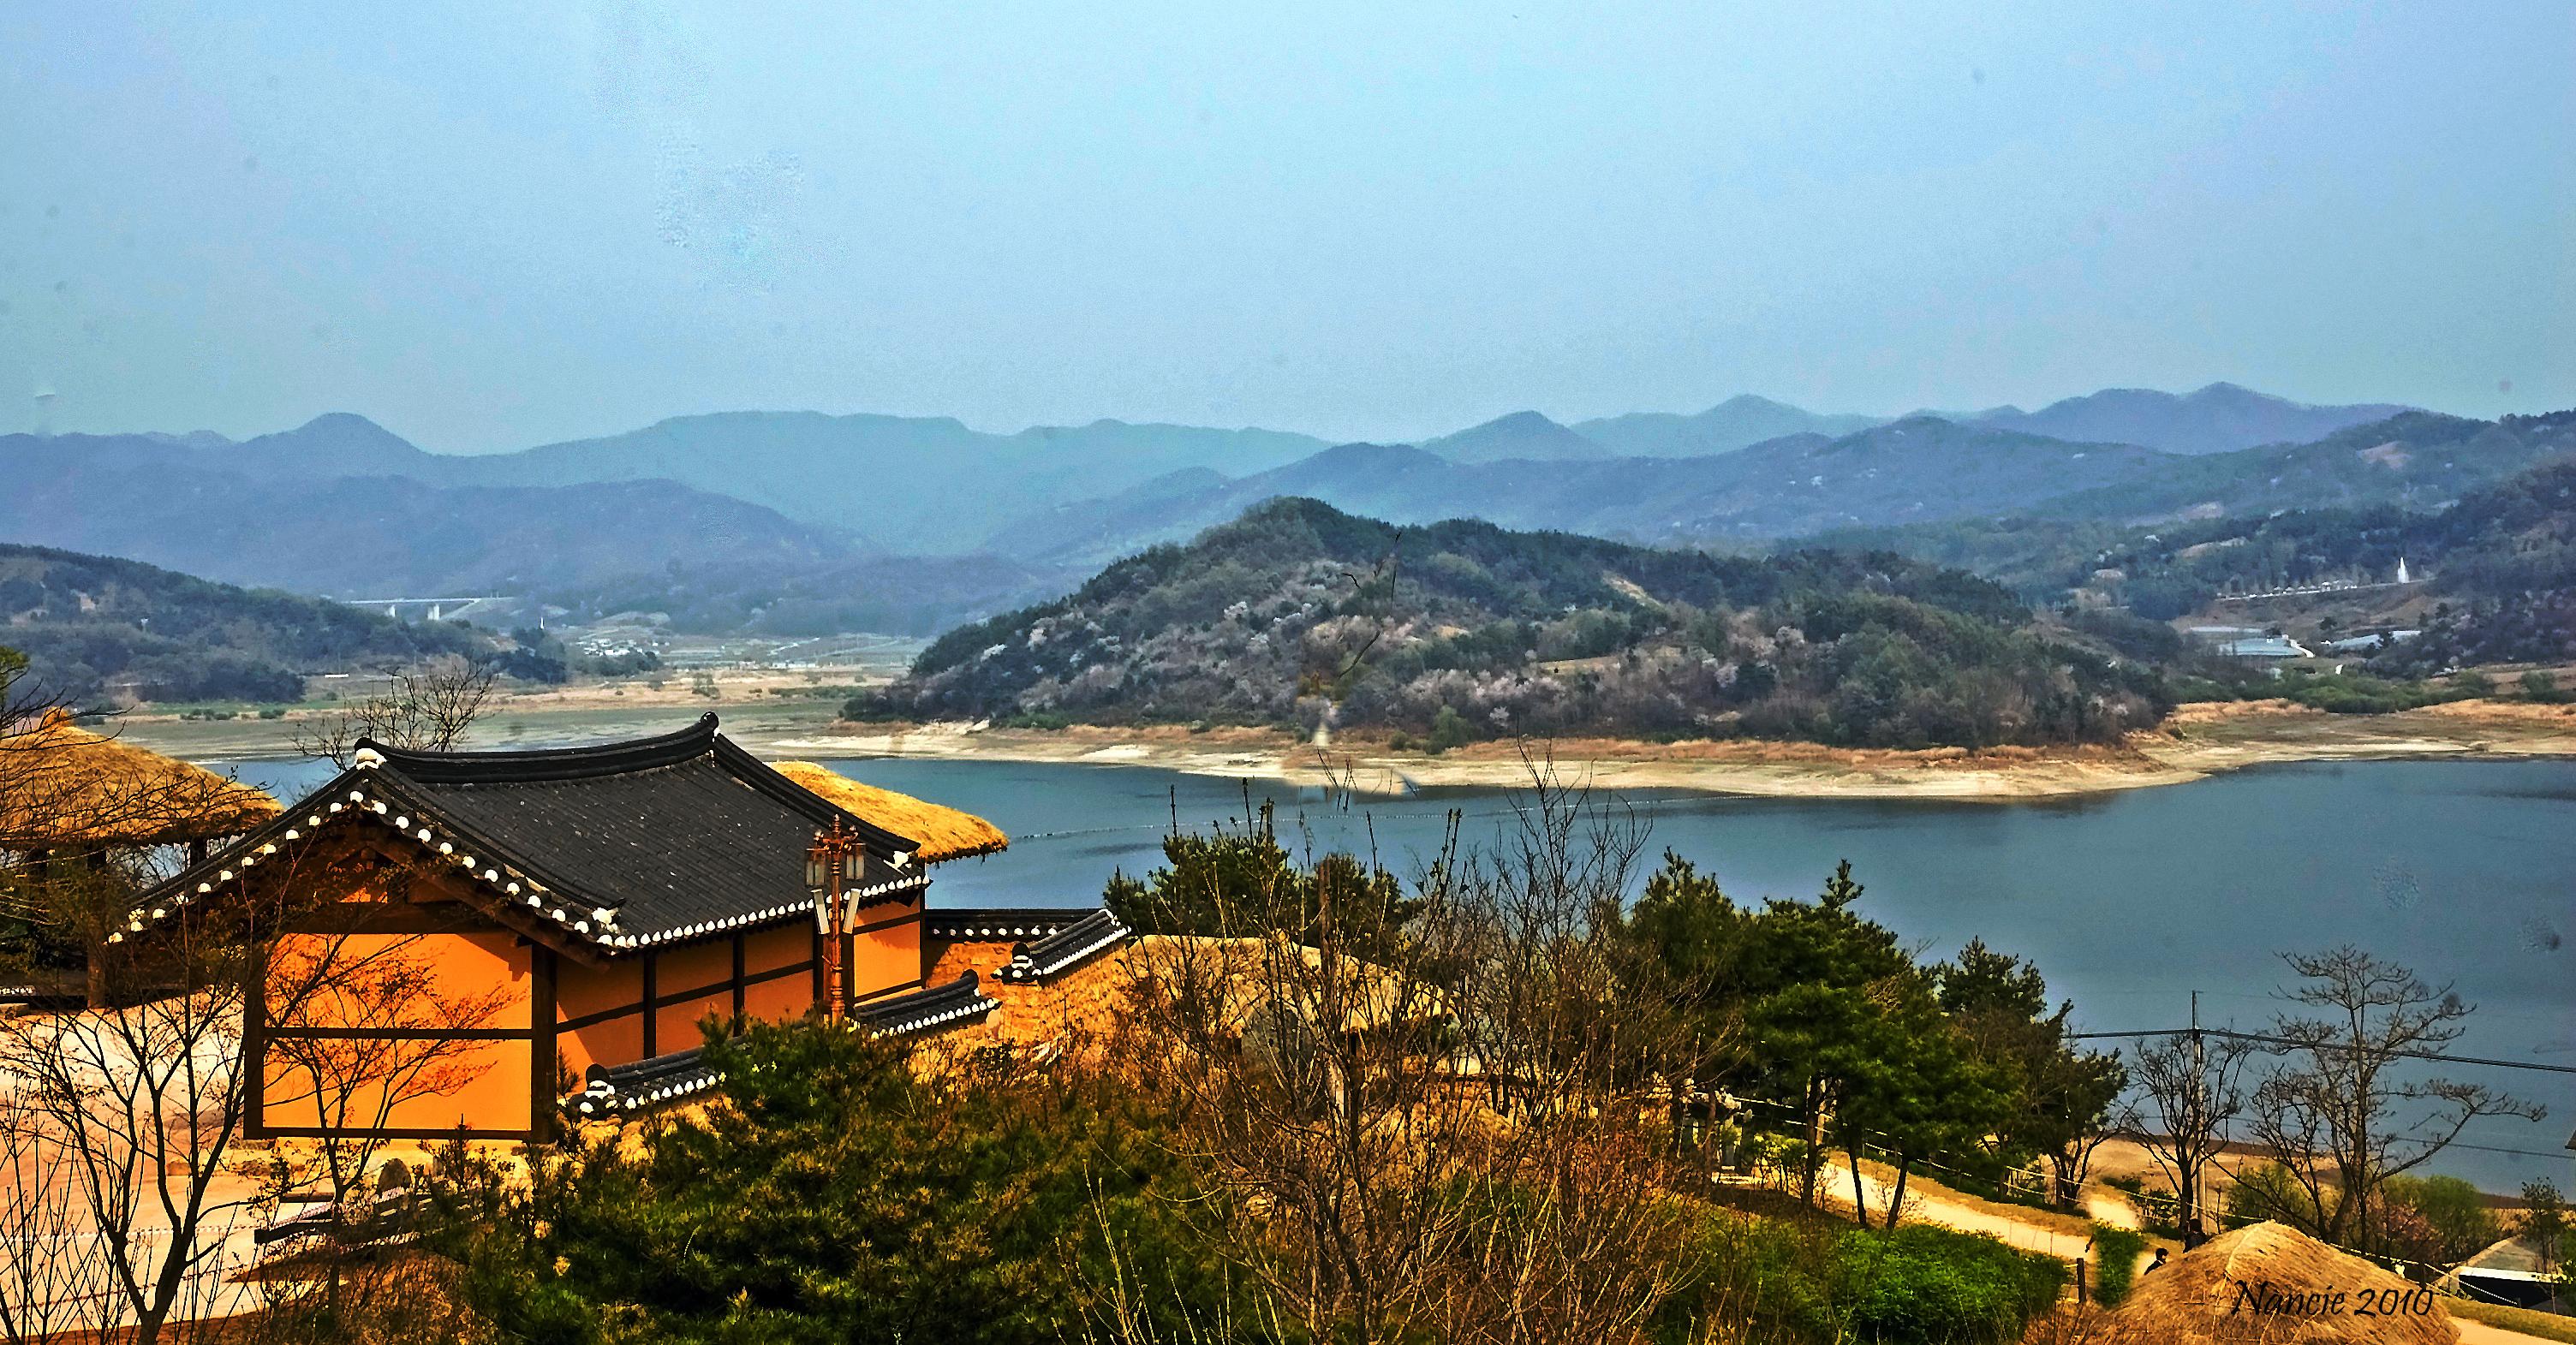 Rural Korea from a Mountain Top